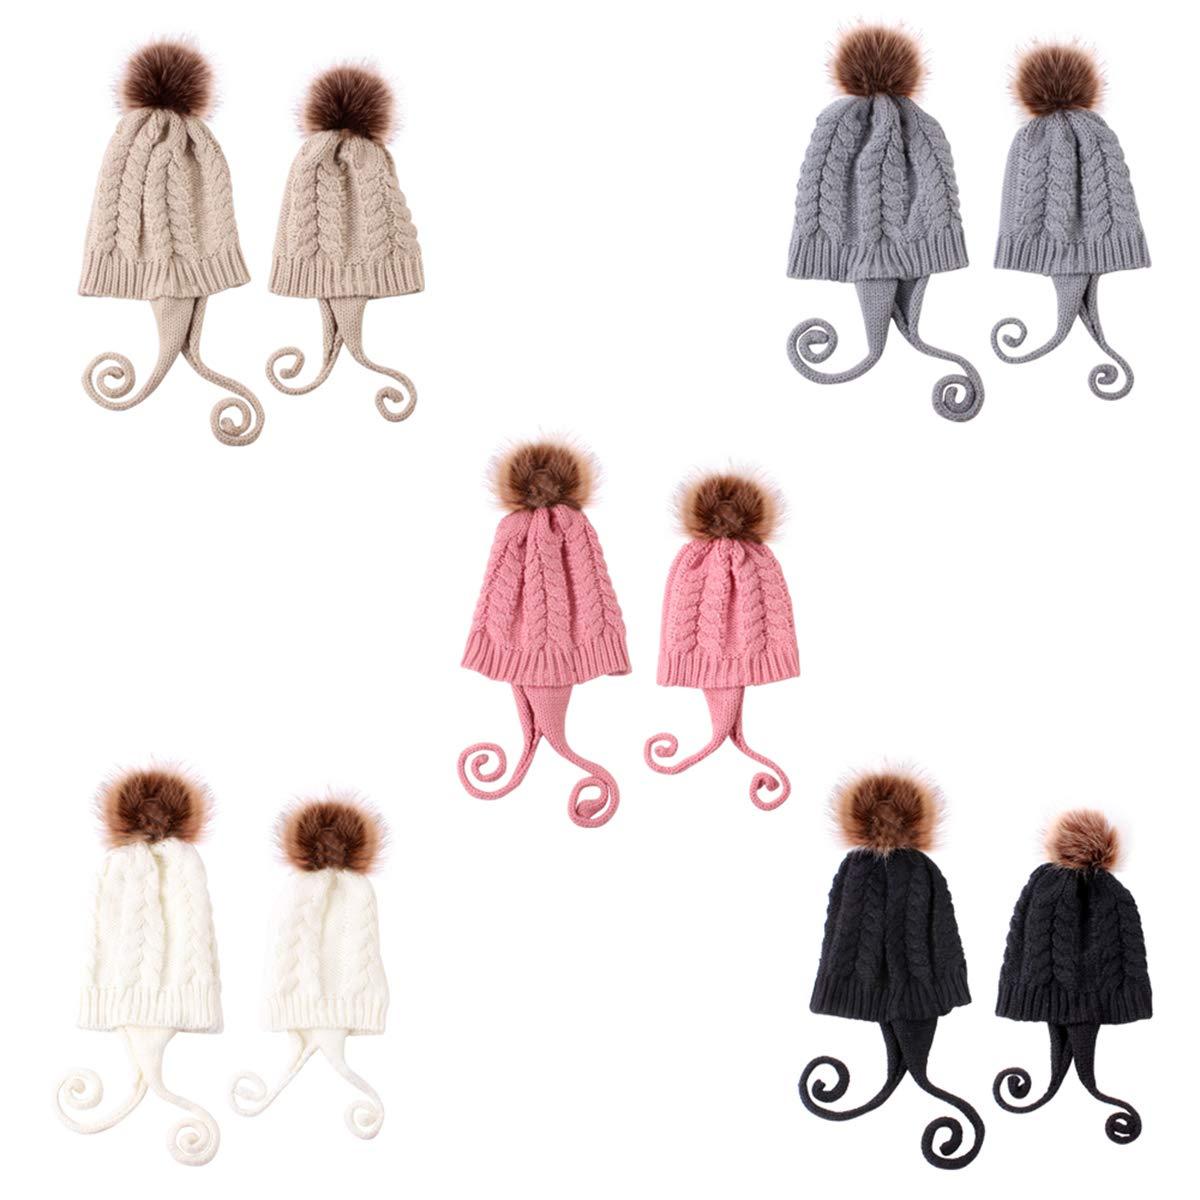 Haokaini Set di Cappelli per Mamma e Bambino Cappello Invernale Caldo Lavorato a Maglia Genitore-Figlio Kit di Cappelli per Cappellini con Pom Pom per Bambini